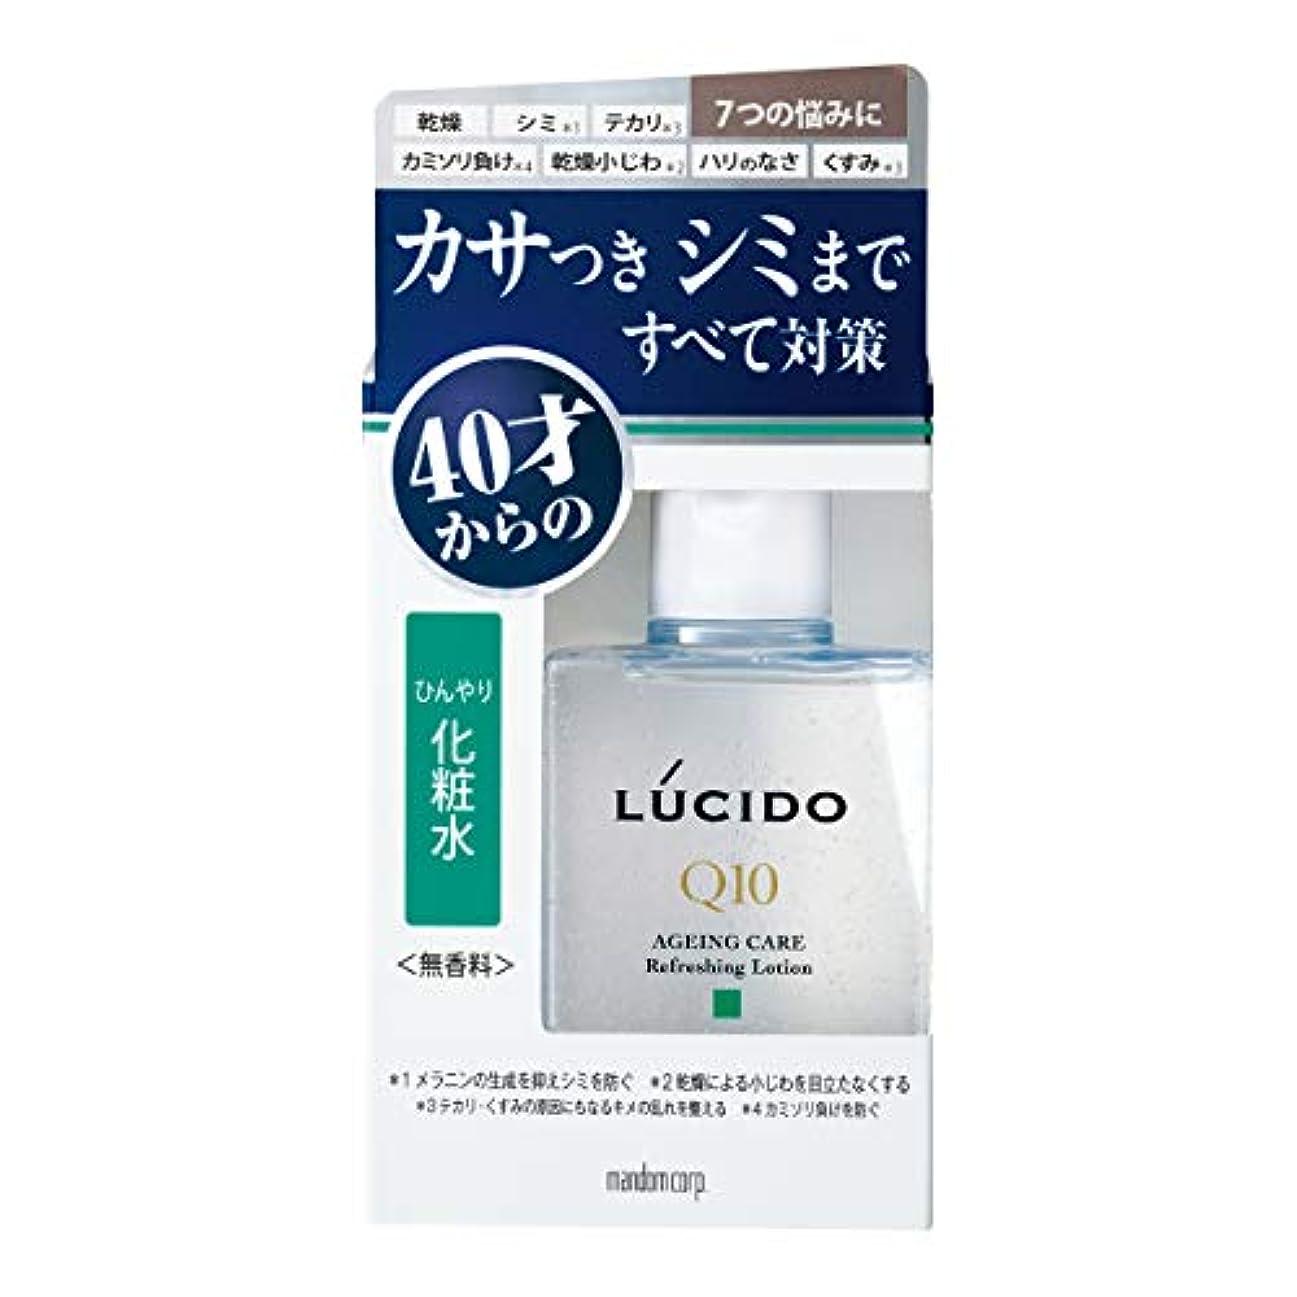 アプローチ会員真向こうルシード(LUCIDO)薬用 トータルケアひんやり化粧水 メンズ スキンケア さっぱり 110ml(医薬部外品)